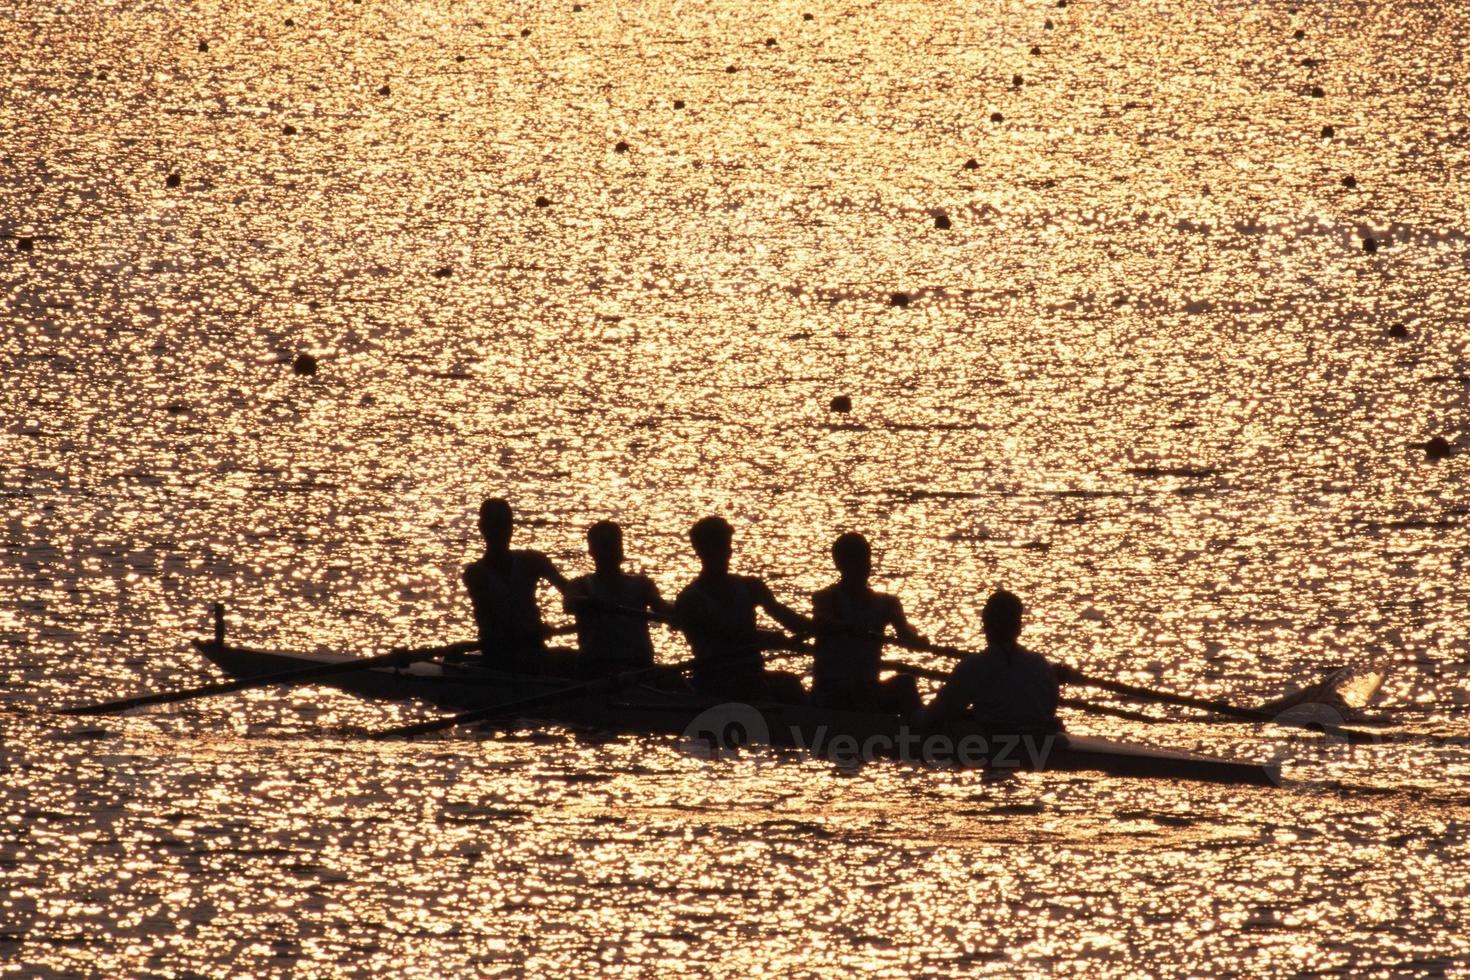 équipe de rameurs se découpant au coucher du soleil photo